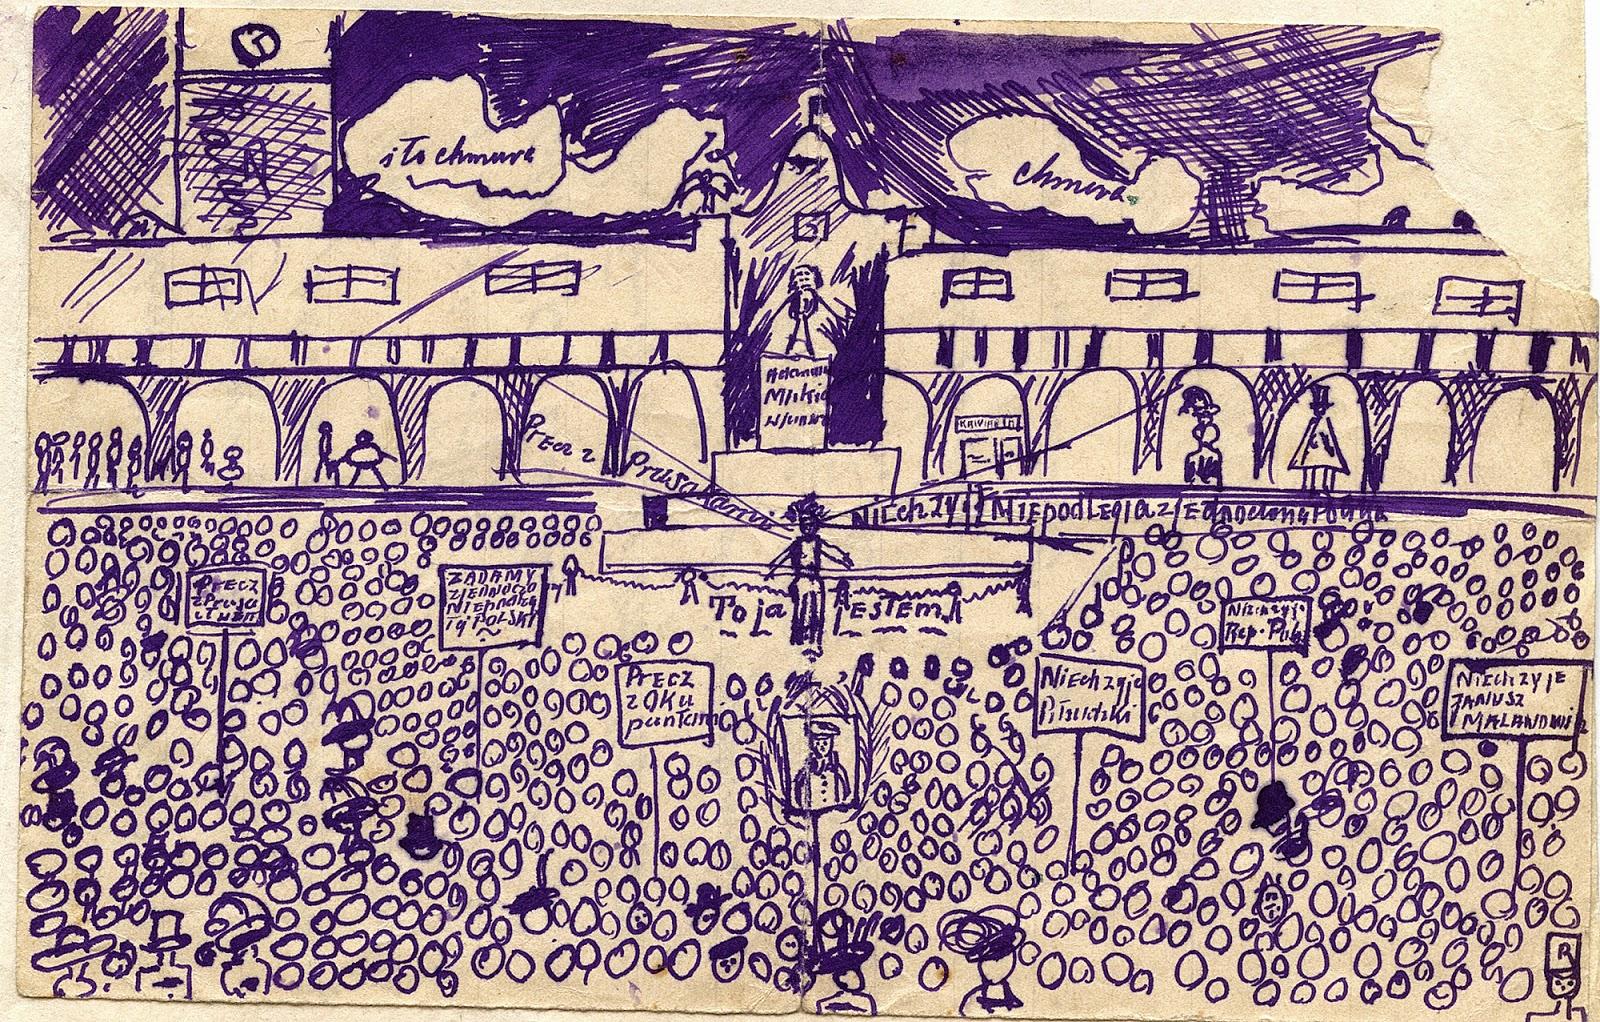 Żartobliwy rysunek Janusza Malanowicza z korespondencji z Henrykiem Sewerynem Zawadzkim. Podpis na II stronie rysunku: Objaśnienia tyczące się tego arcydzieła, a mianowicie: rzecz dzieje się na rysunku pod pomnikiem Mickiewicza. Ten pan, który stoi na pomniku to jest sam p. Mickiewicz. Te wspaniałe kółka (o) to są ludzkie głowy. Poza tym sądzę, że wszystko jest zrozumiałe, dość wyraźnie i artystycznie namalowane - nieprawdaż? Jeśli sobie życzysz, to mogę ci jeszcze inne piękne obrazki przesyłać. Serwus. Podpis Janusza Malanowicza 1918. W zbiorach KW.